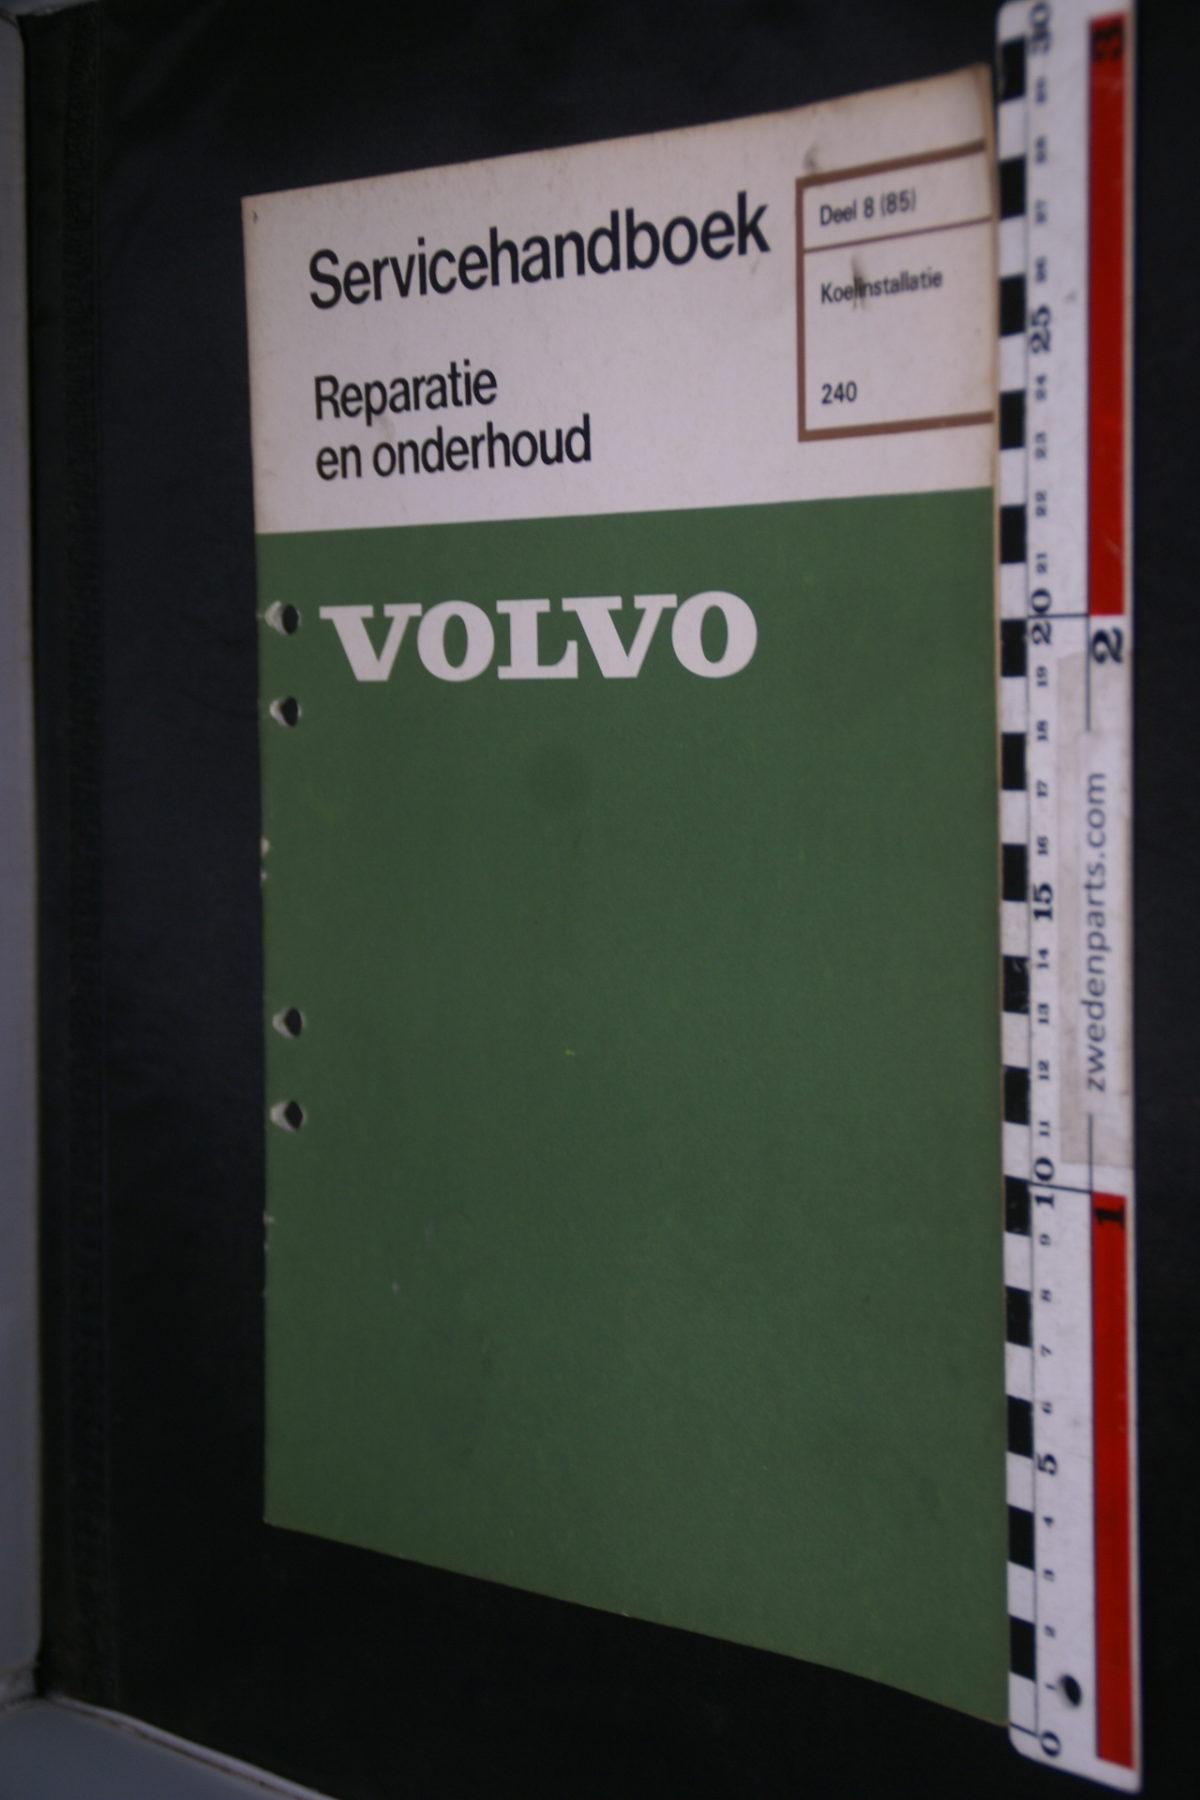 DSC08617 1977 origineel Volvo 240 servicehandboek  8 (85) koelinstallatie 1 van 800 TP 11636-1